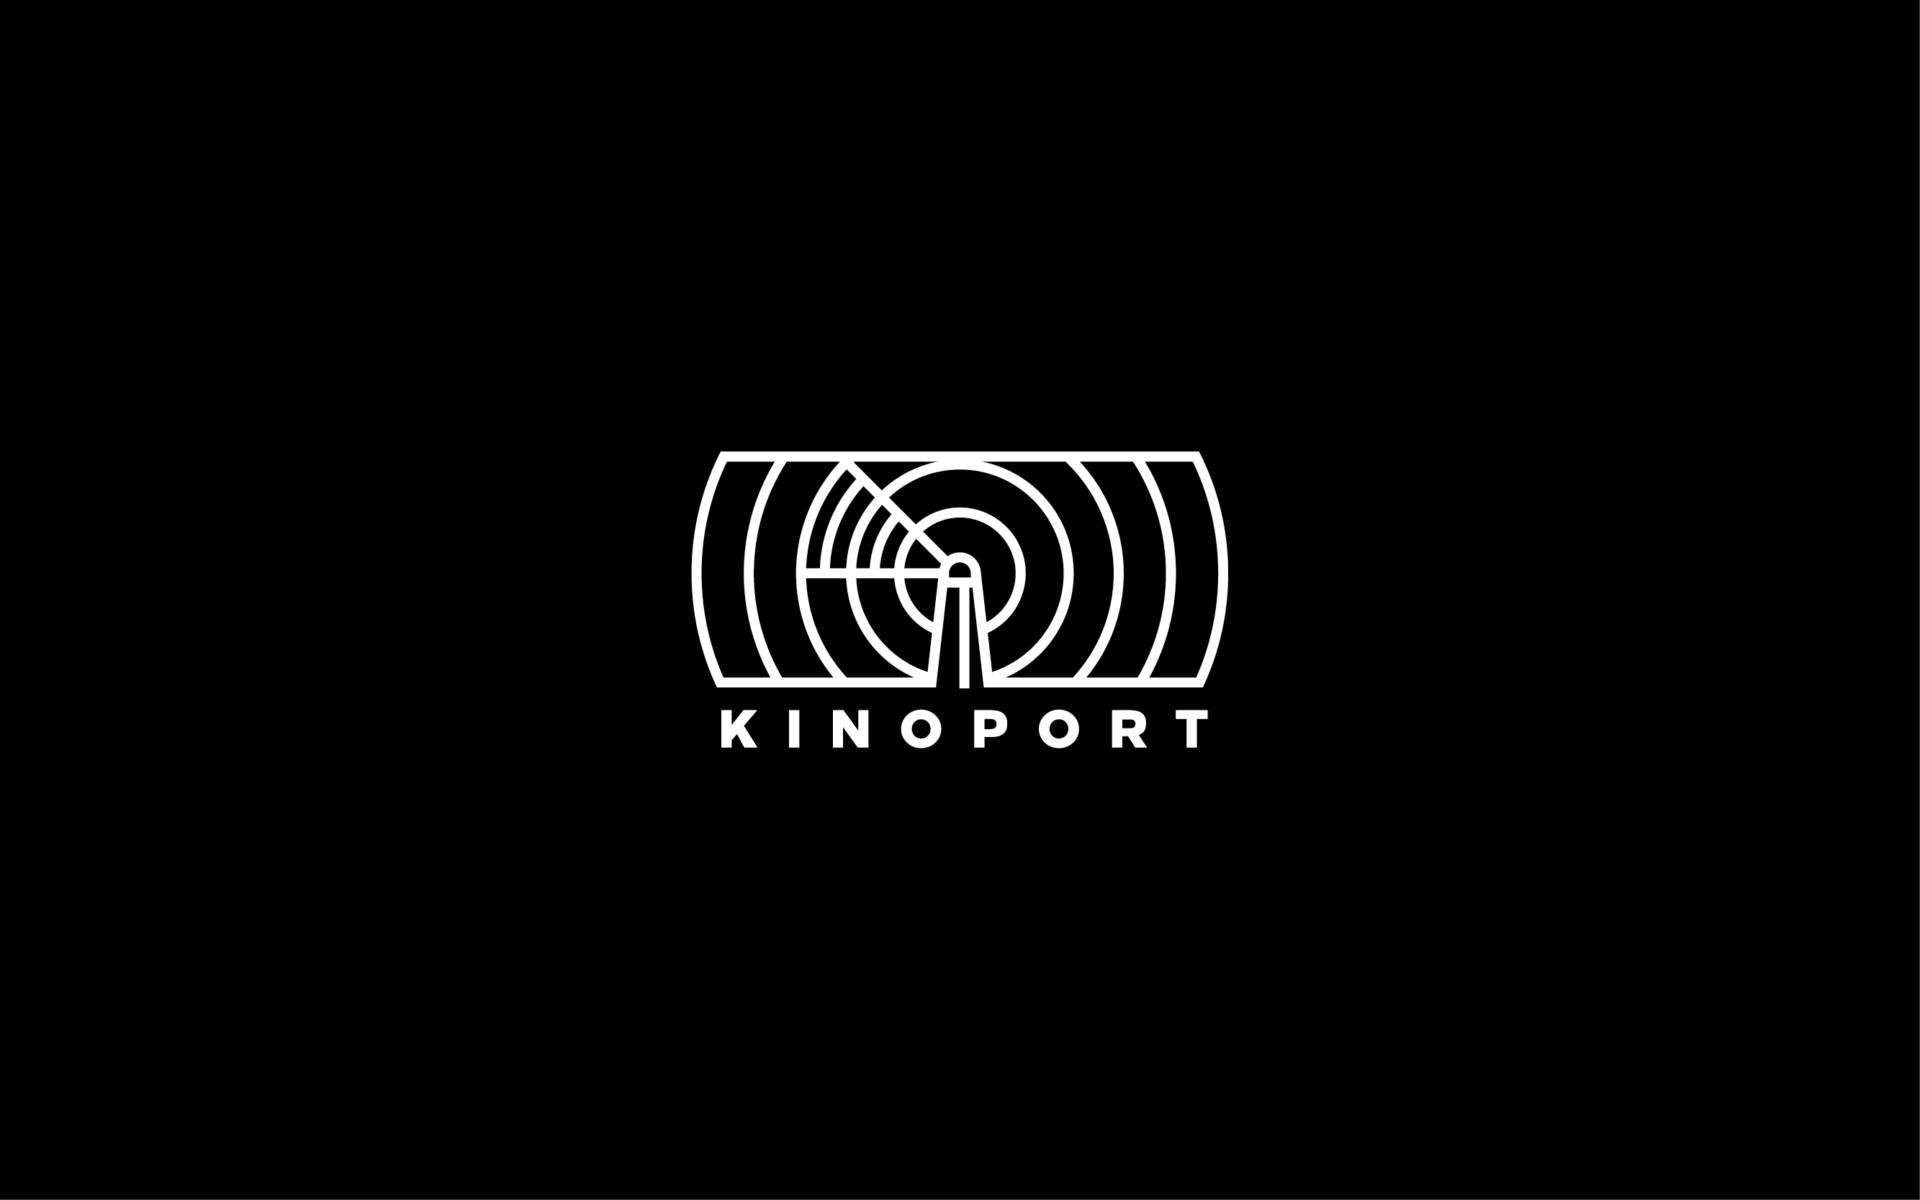 Kinoport